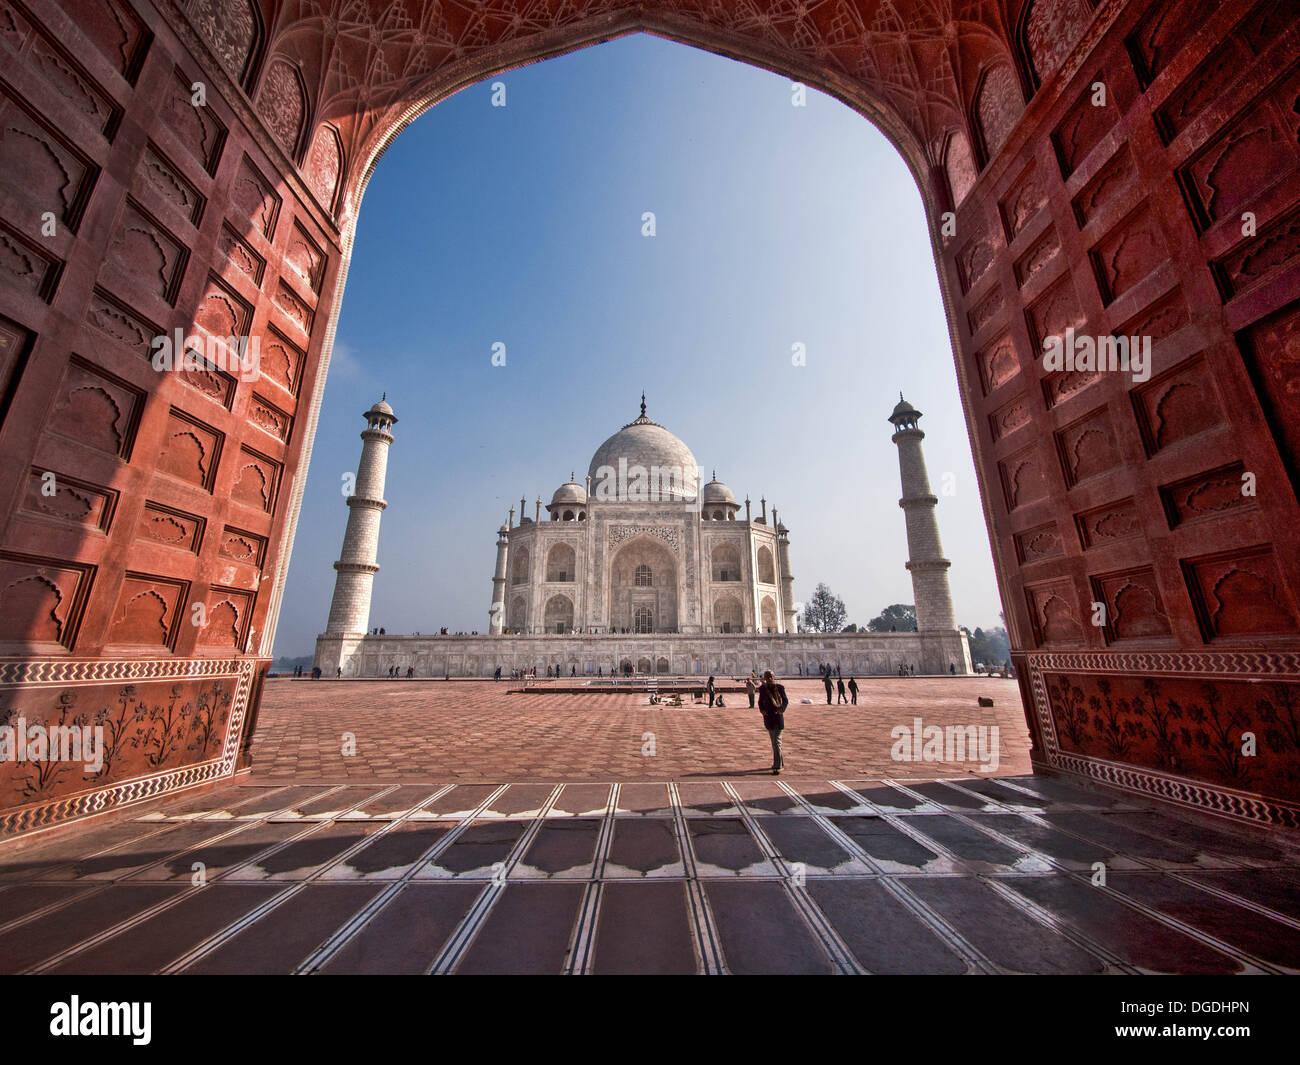 Das weltberühmte Taj Mahal in Agra, Uttar Pradesh, Indien. Stockbild